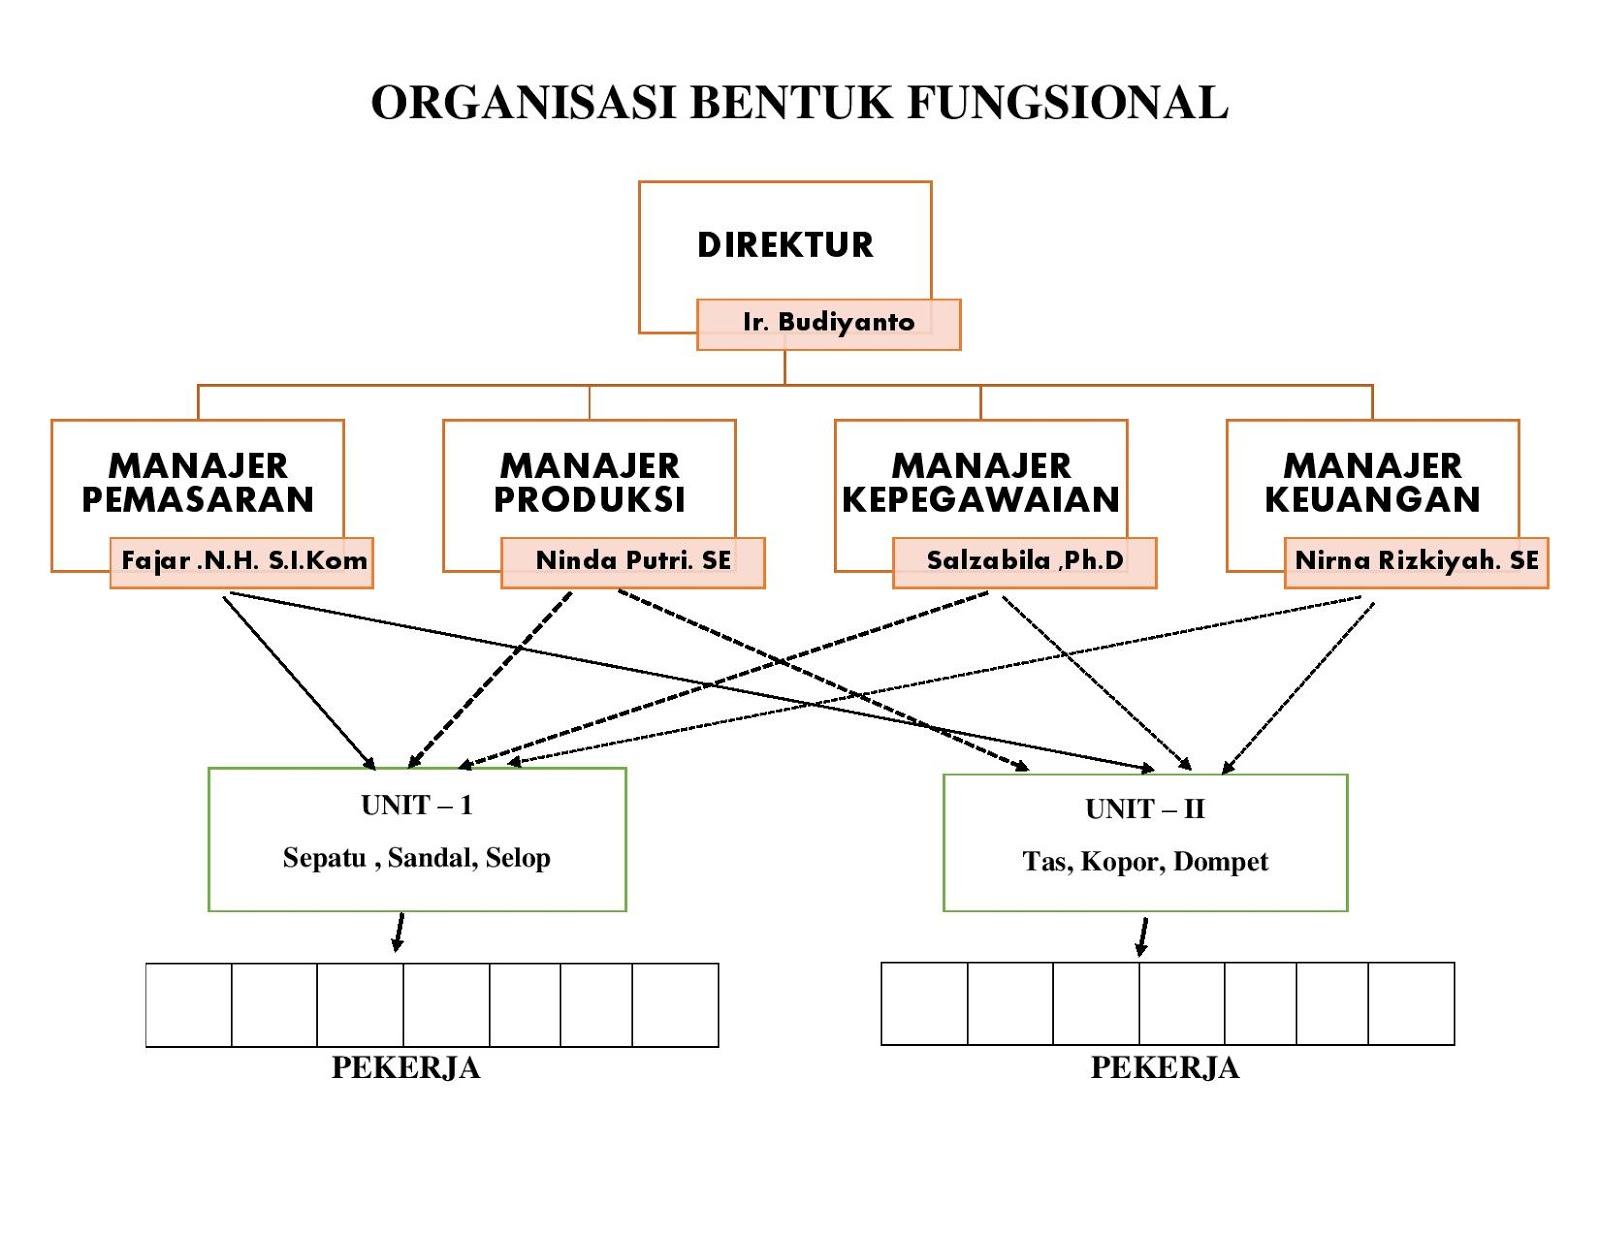 Organisasi Bentuk Fungsional - GUDANG MAKALAH